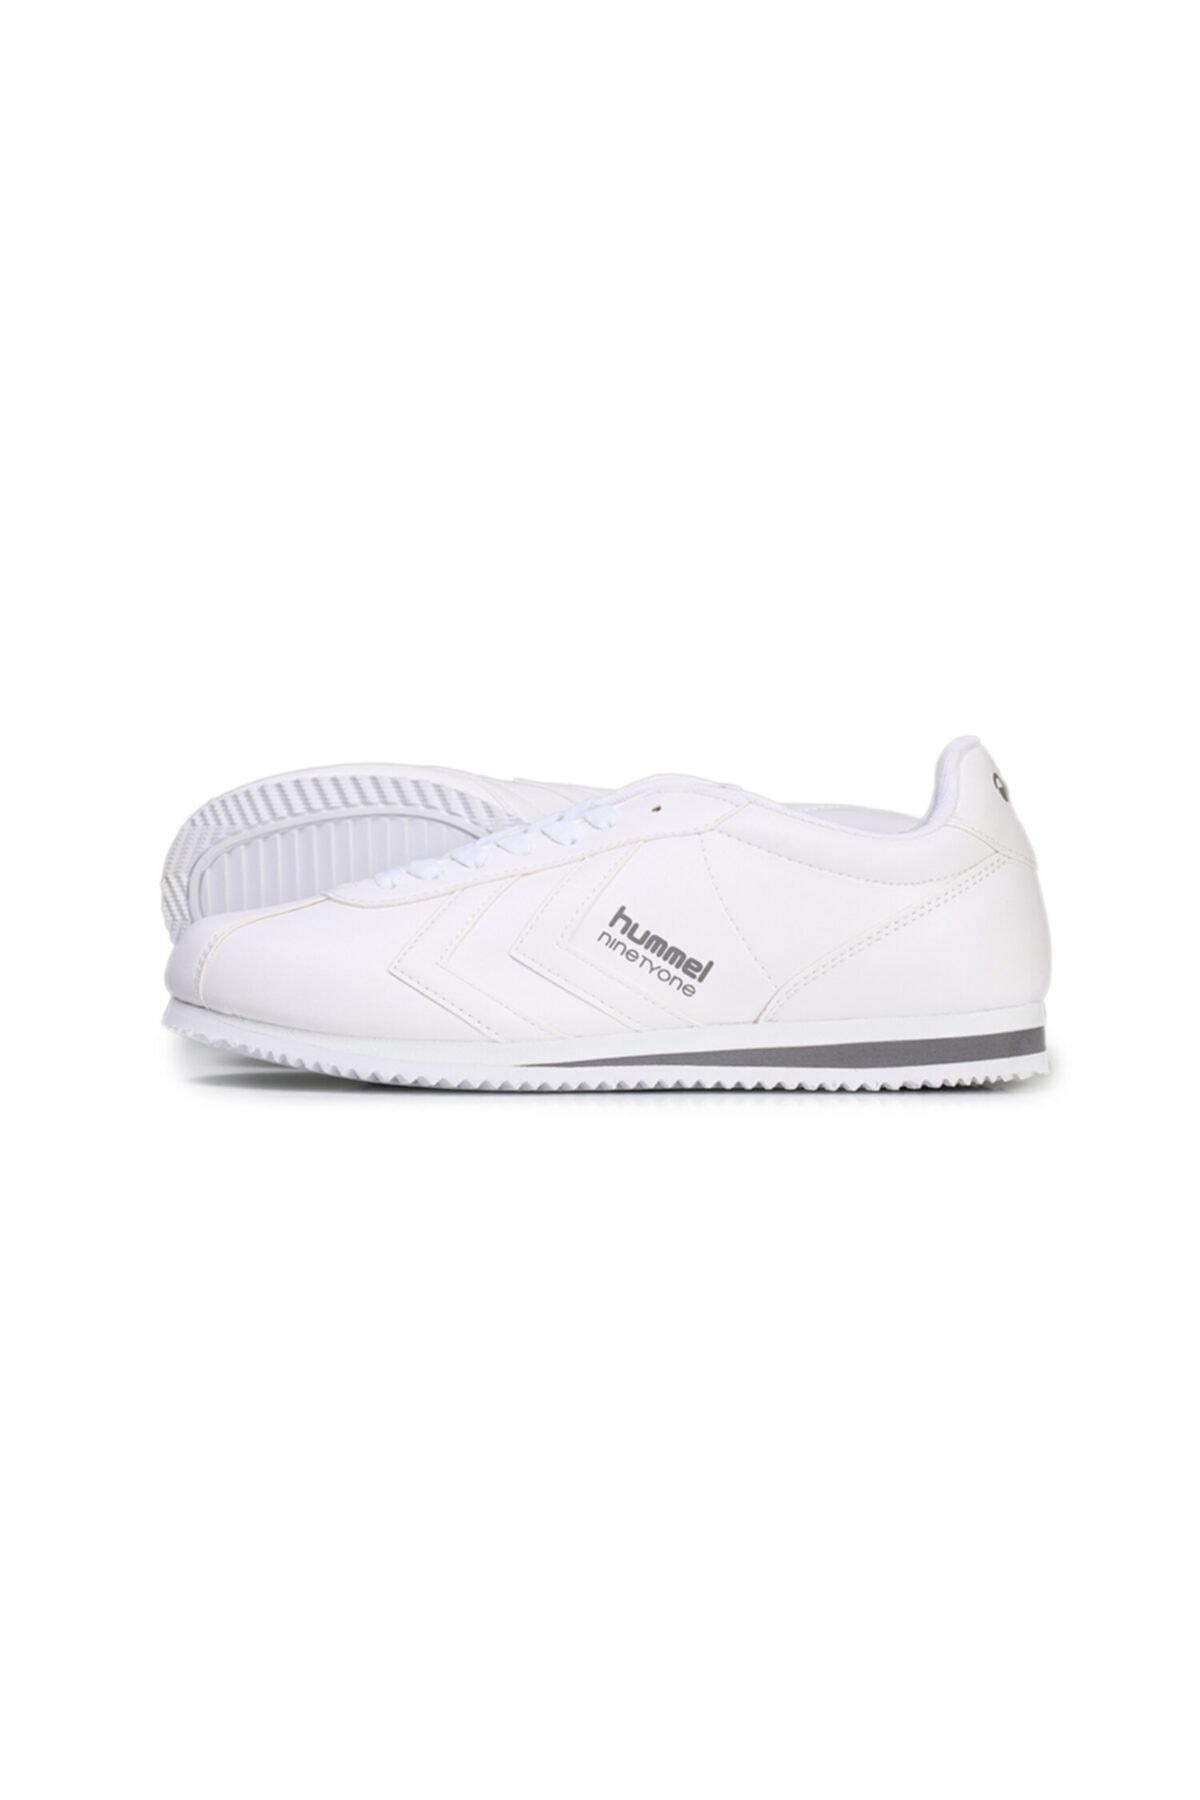 HUMMEL Unisex Beyaz Ninetyone Spor Ayakkabı 204152-9001 1